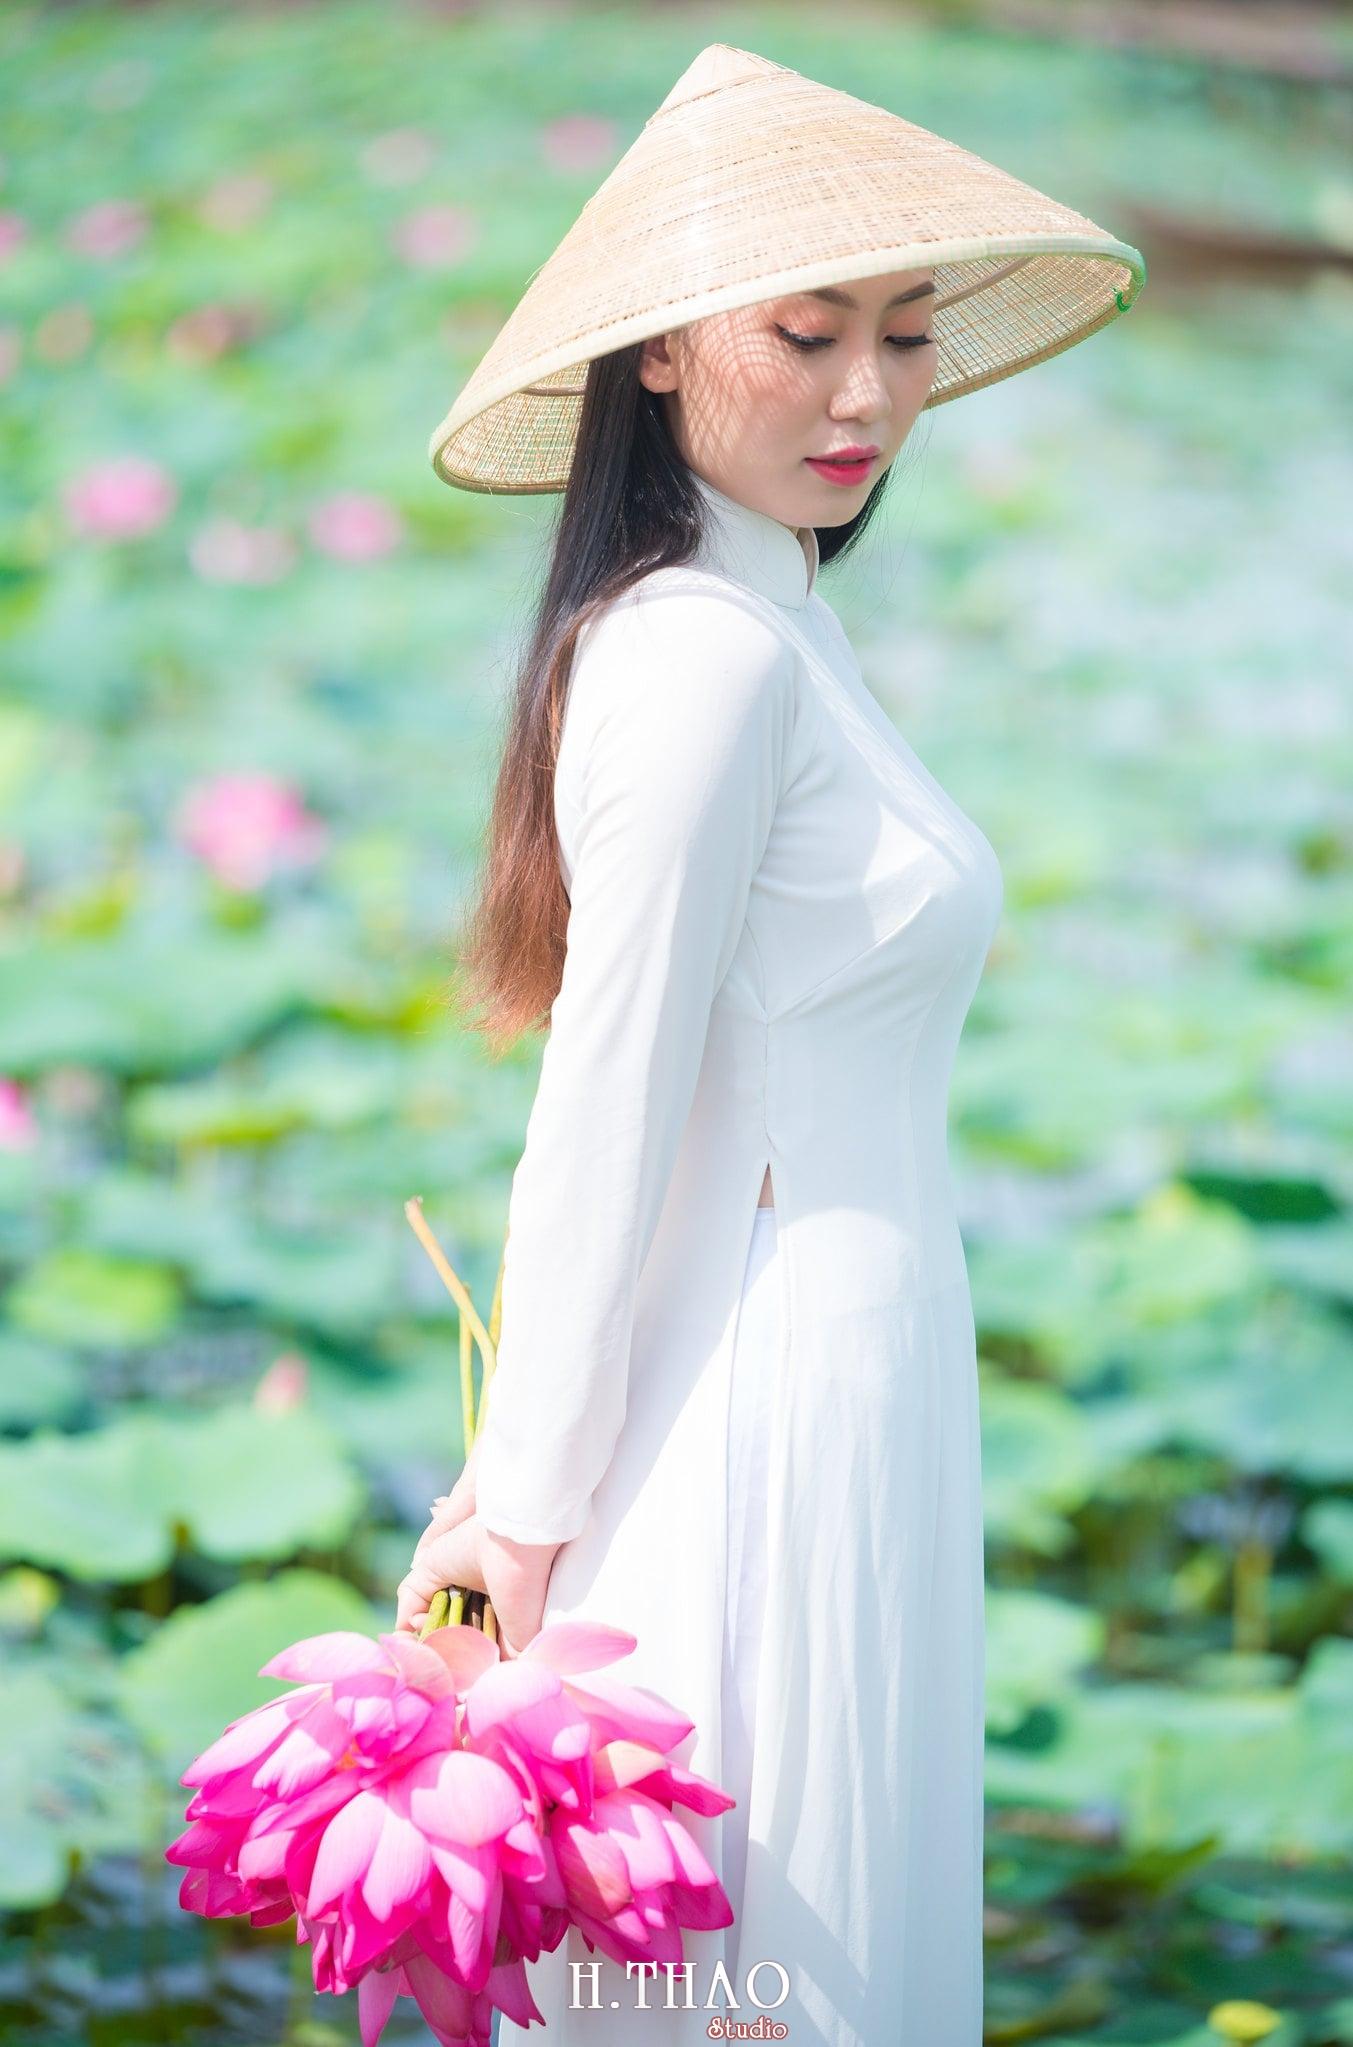 Chup hinh hoa sen 15 - Góc ảnh thiếu nữ bên hoa sen tam đa quận 9 tuyệt đẹp - HThao Studio